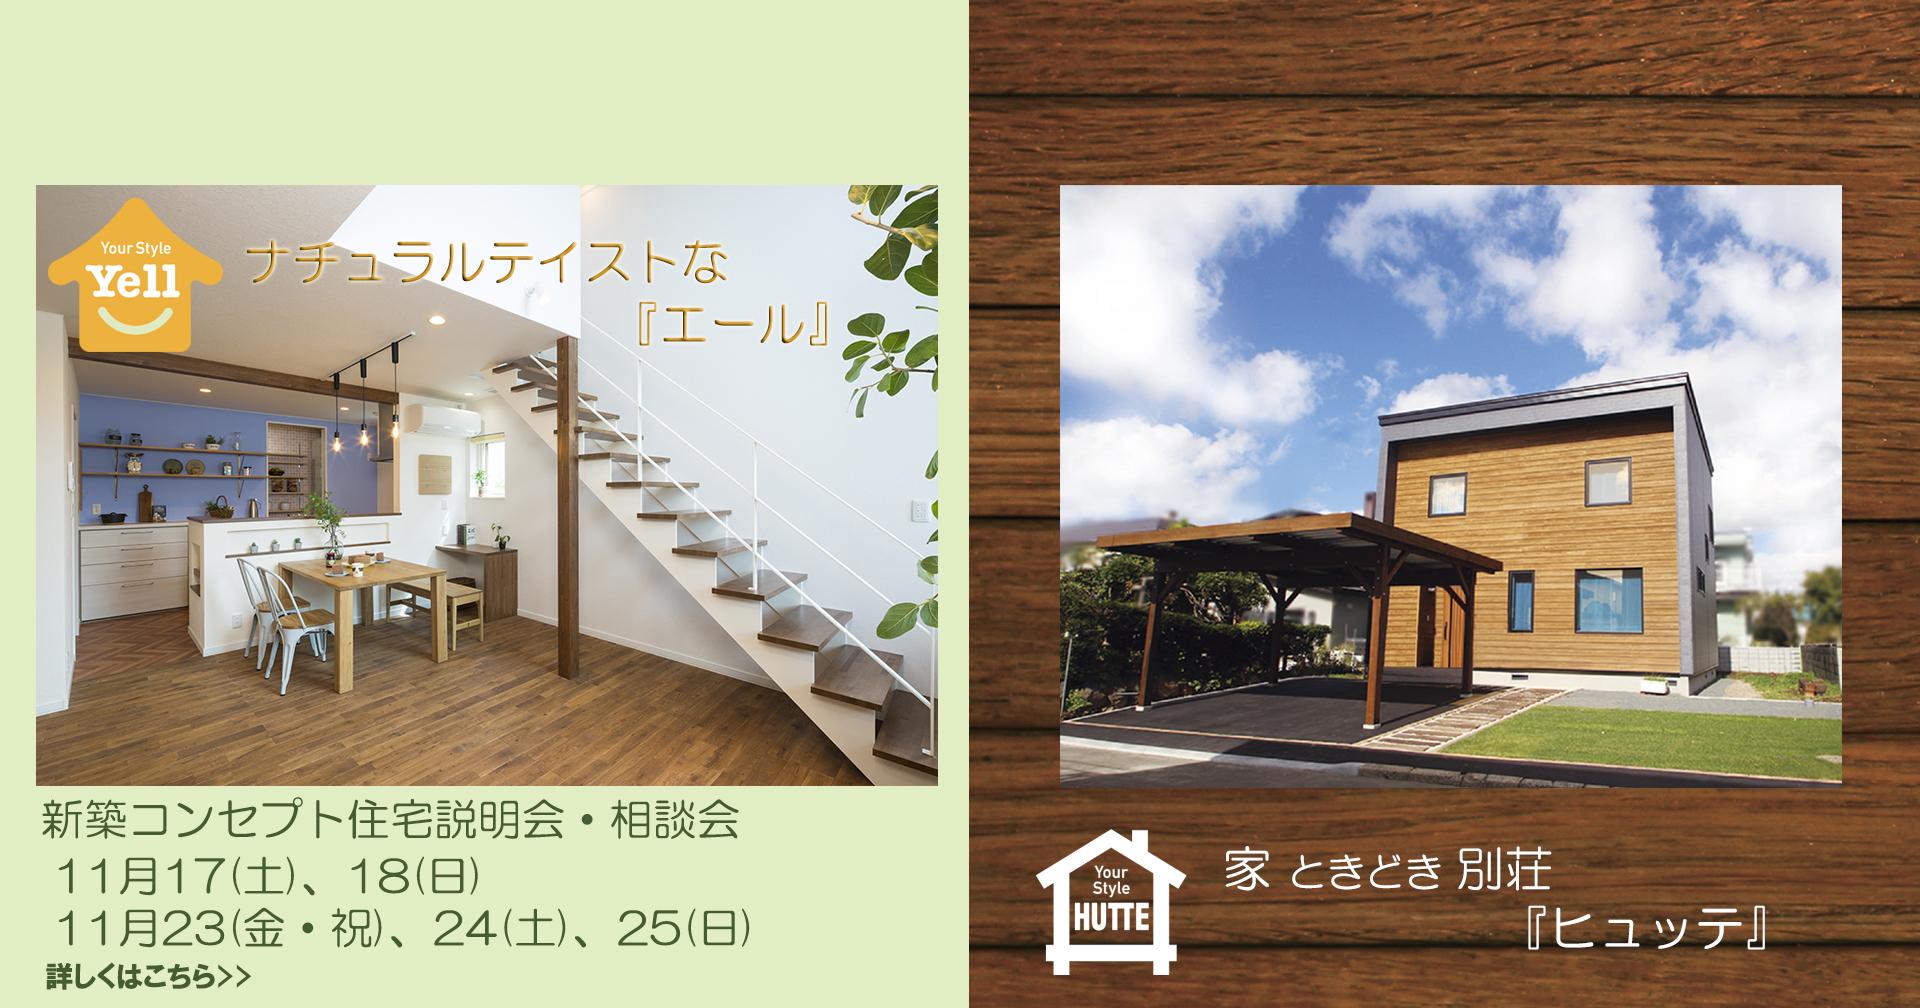 11/17~ 新築住宅相談会